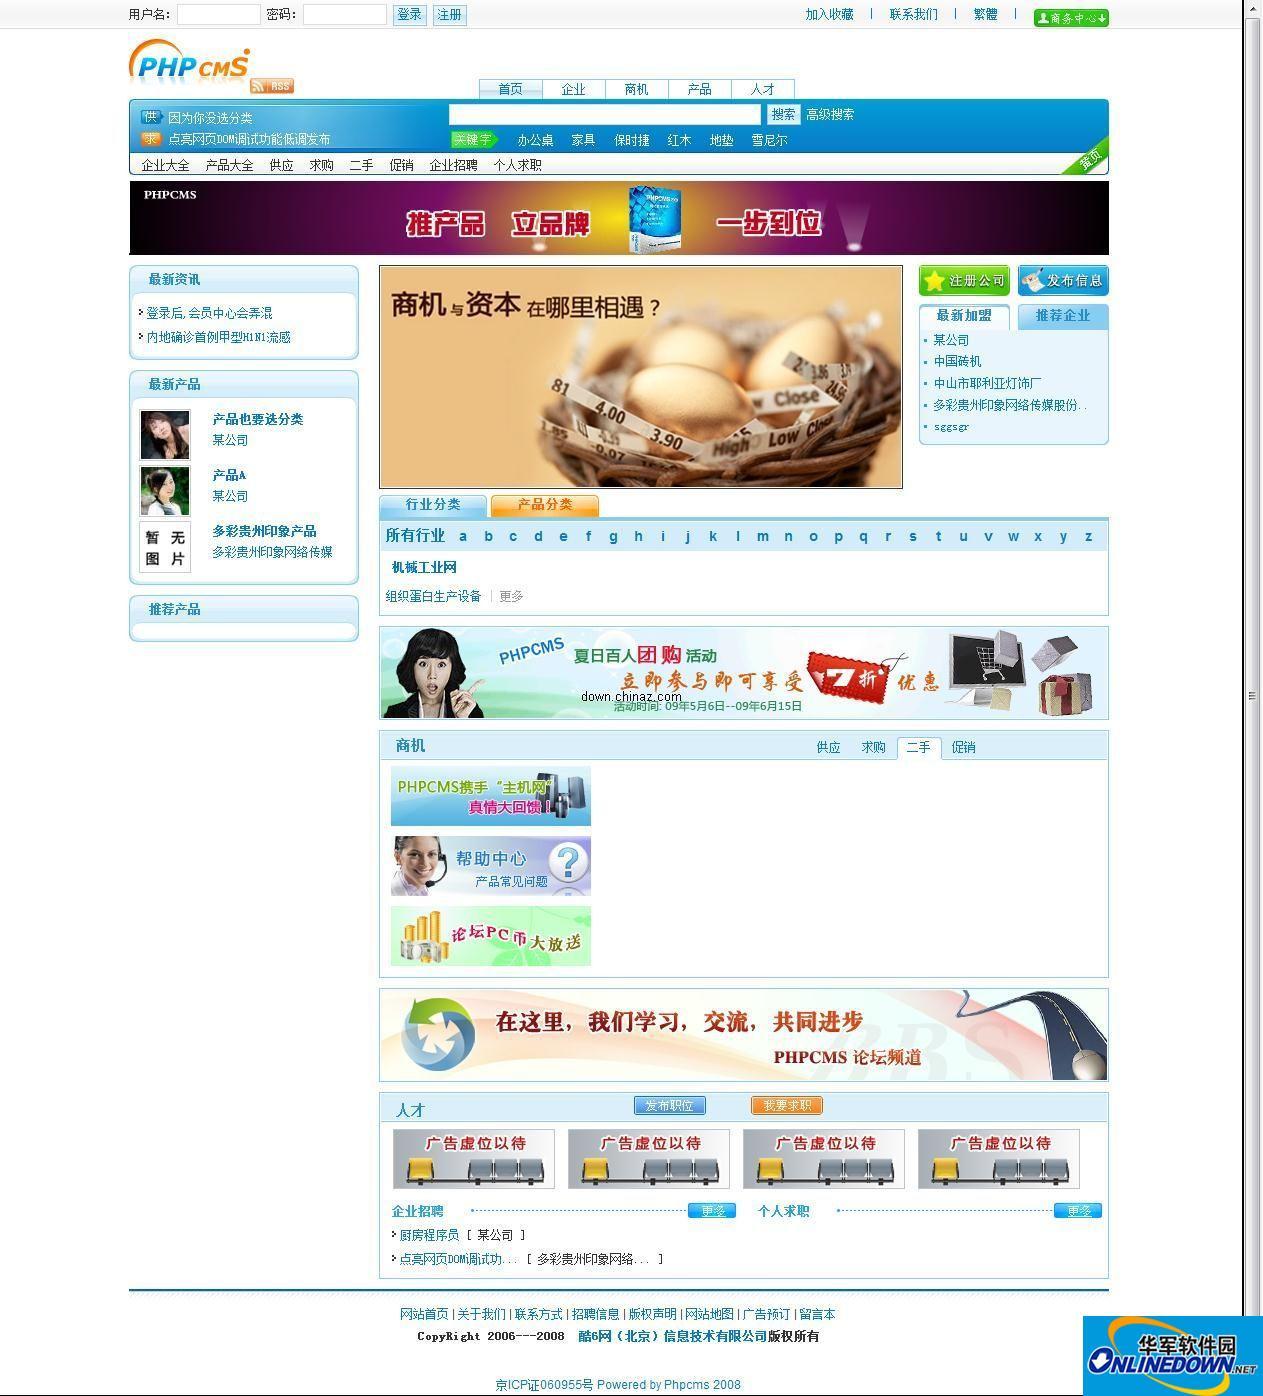 PHPCMS2008黄页模块 UTF-8 测试版 PC版